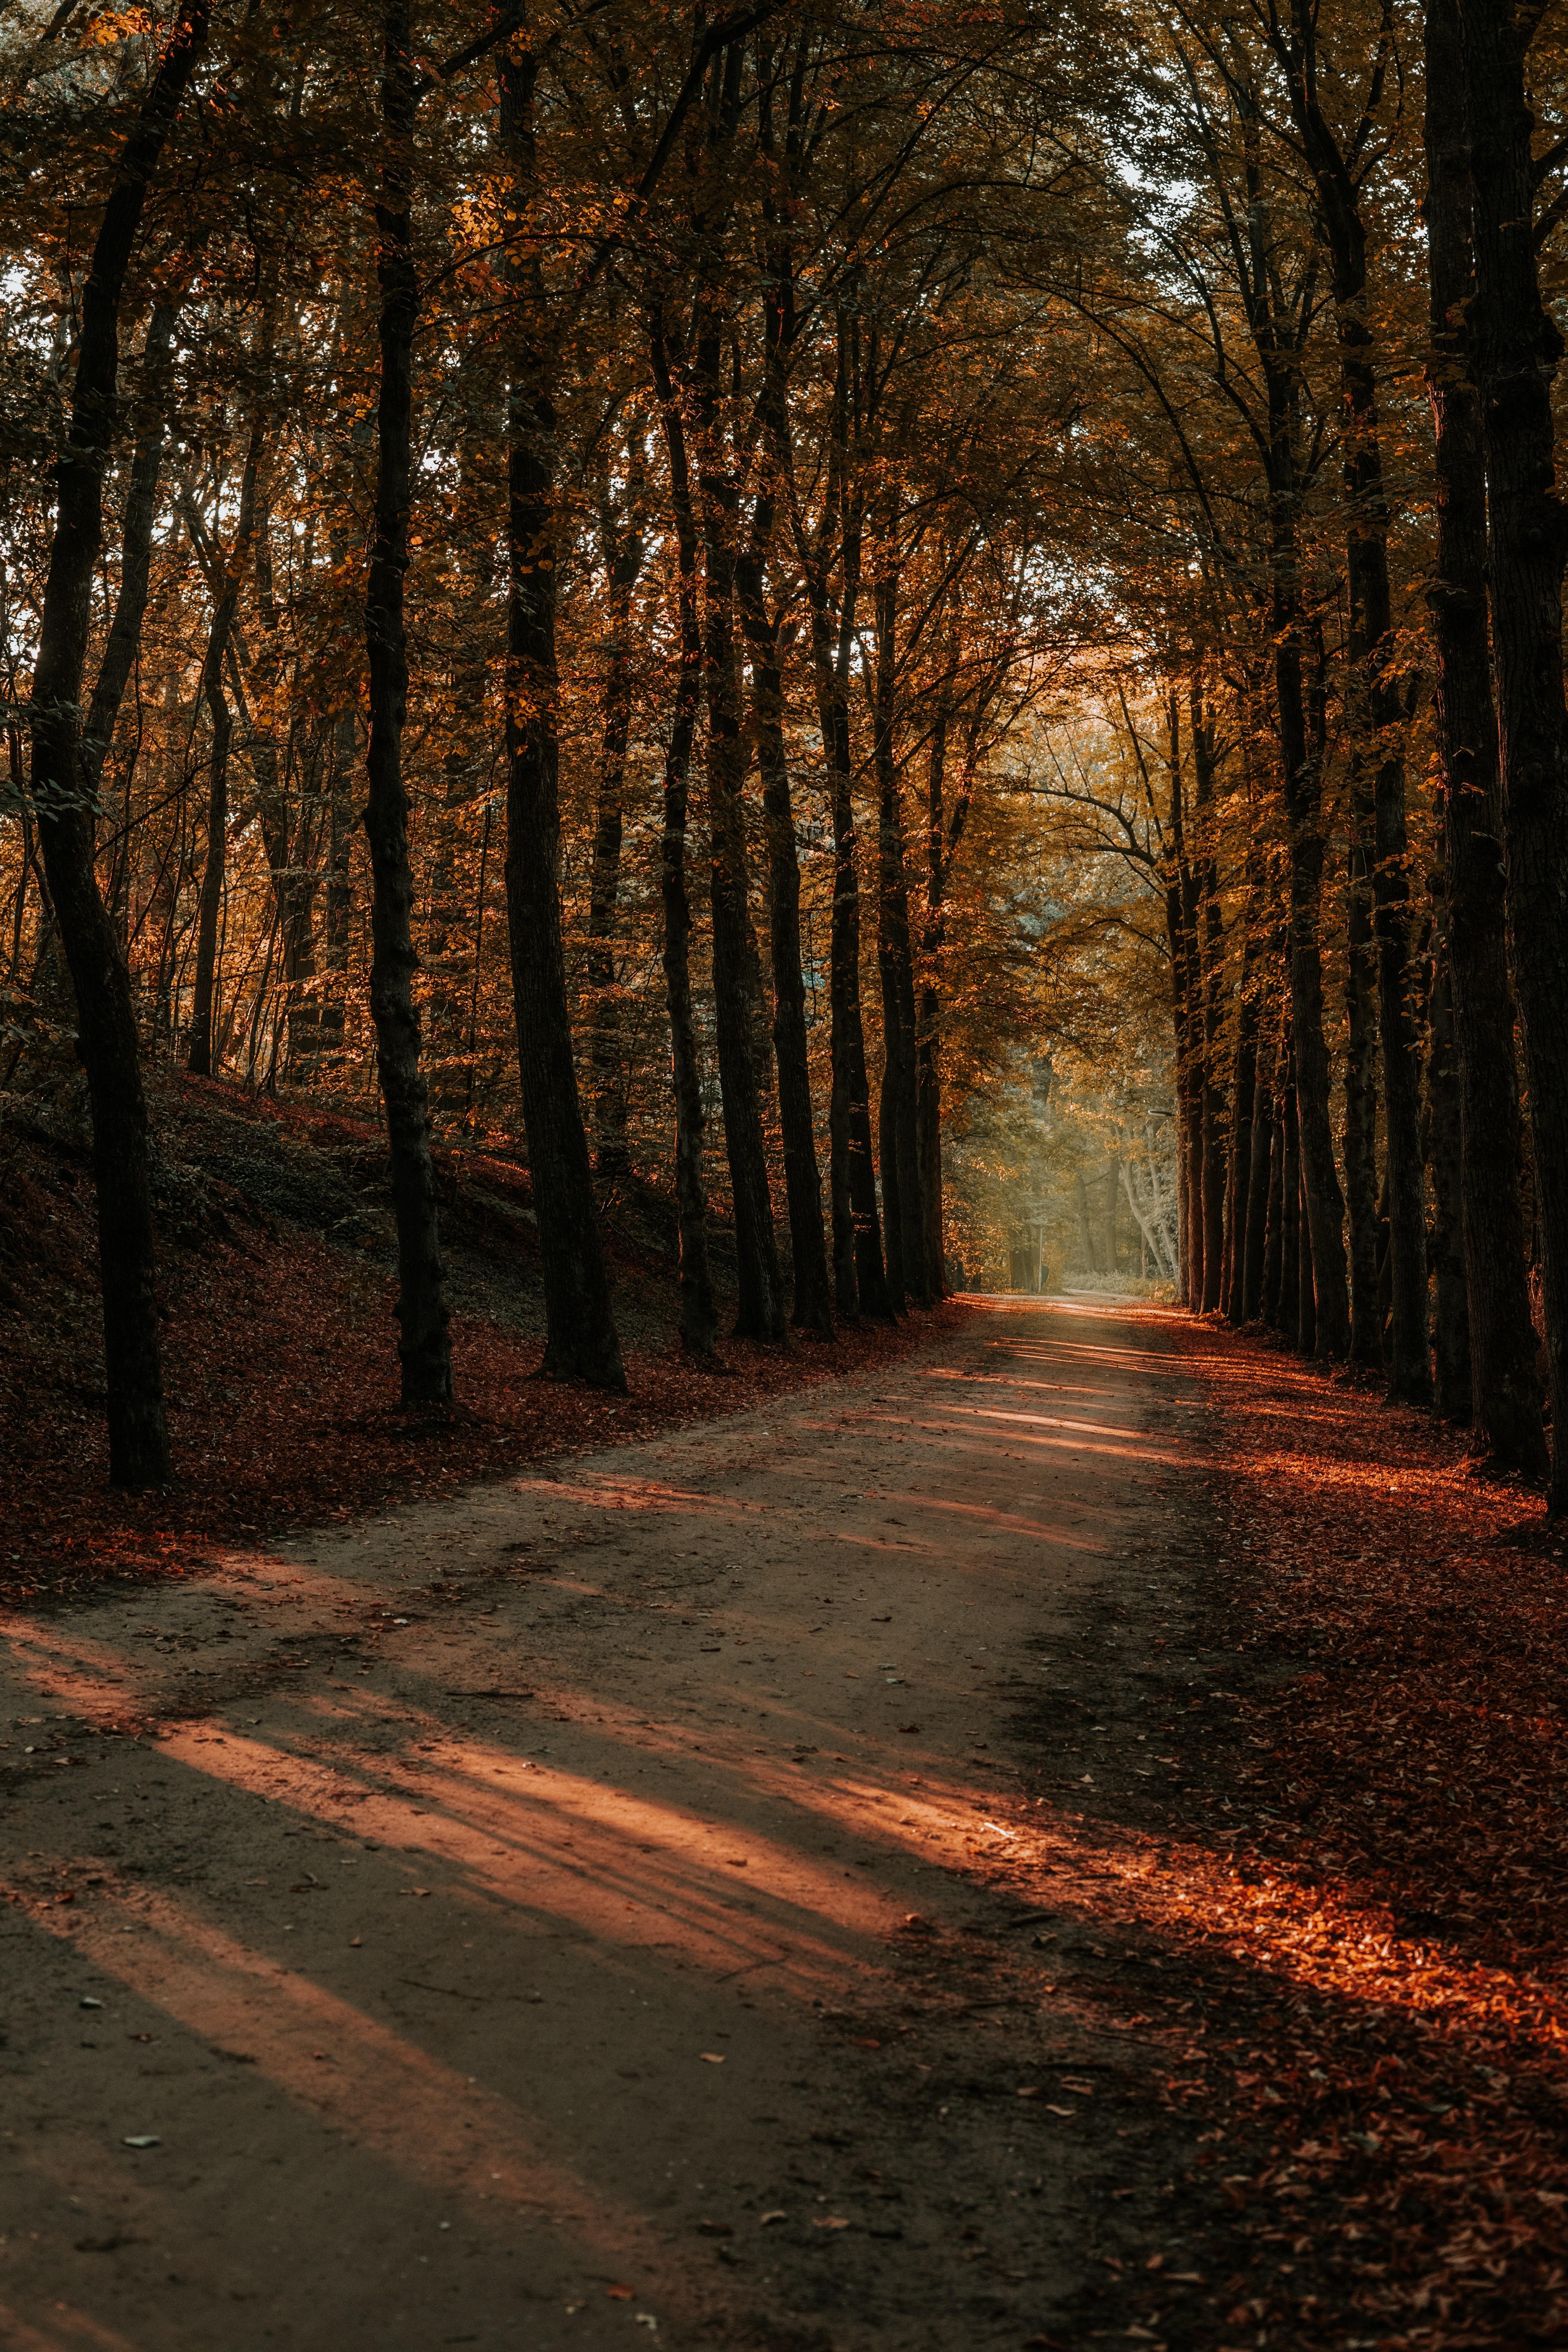 53471壁紙のダウンロード自然, 路地, 裏通り, 木, 秋, 道路, 道, ビーム, 光線-スクリーンセーバーと写真を無料で